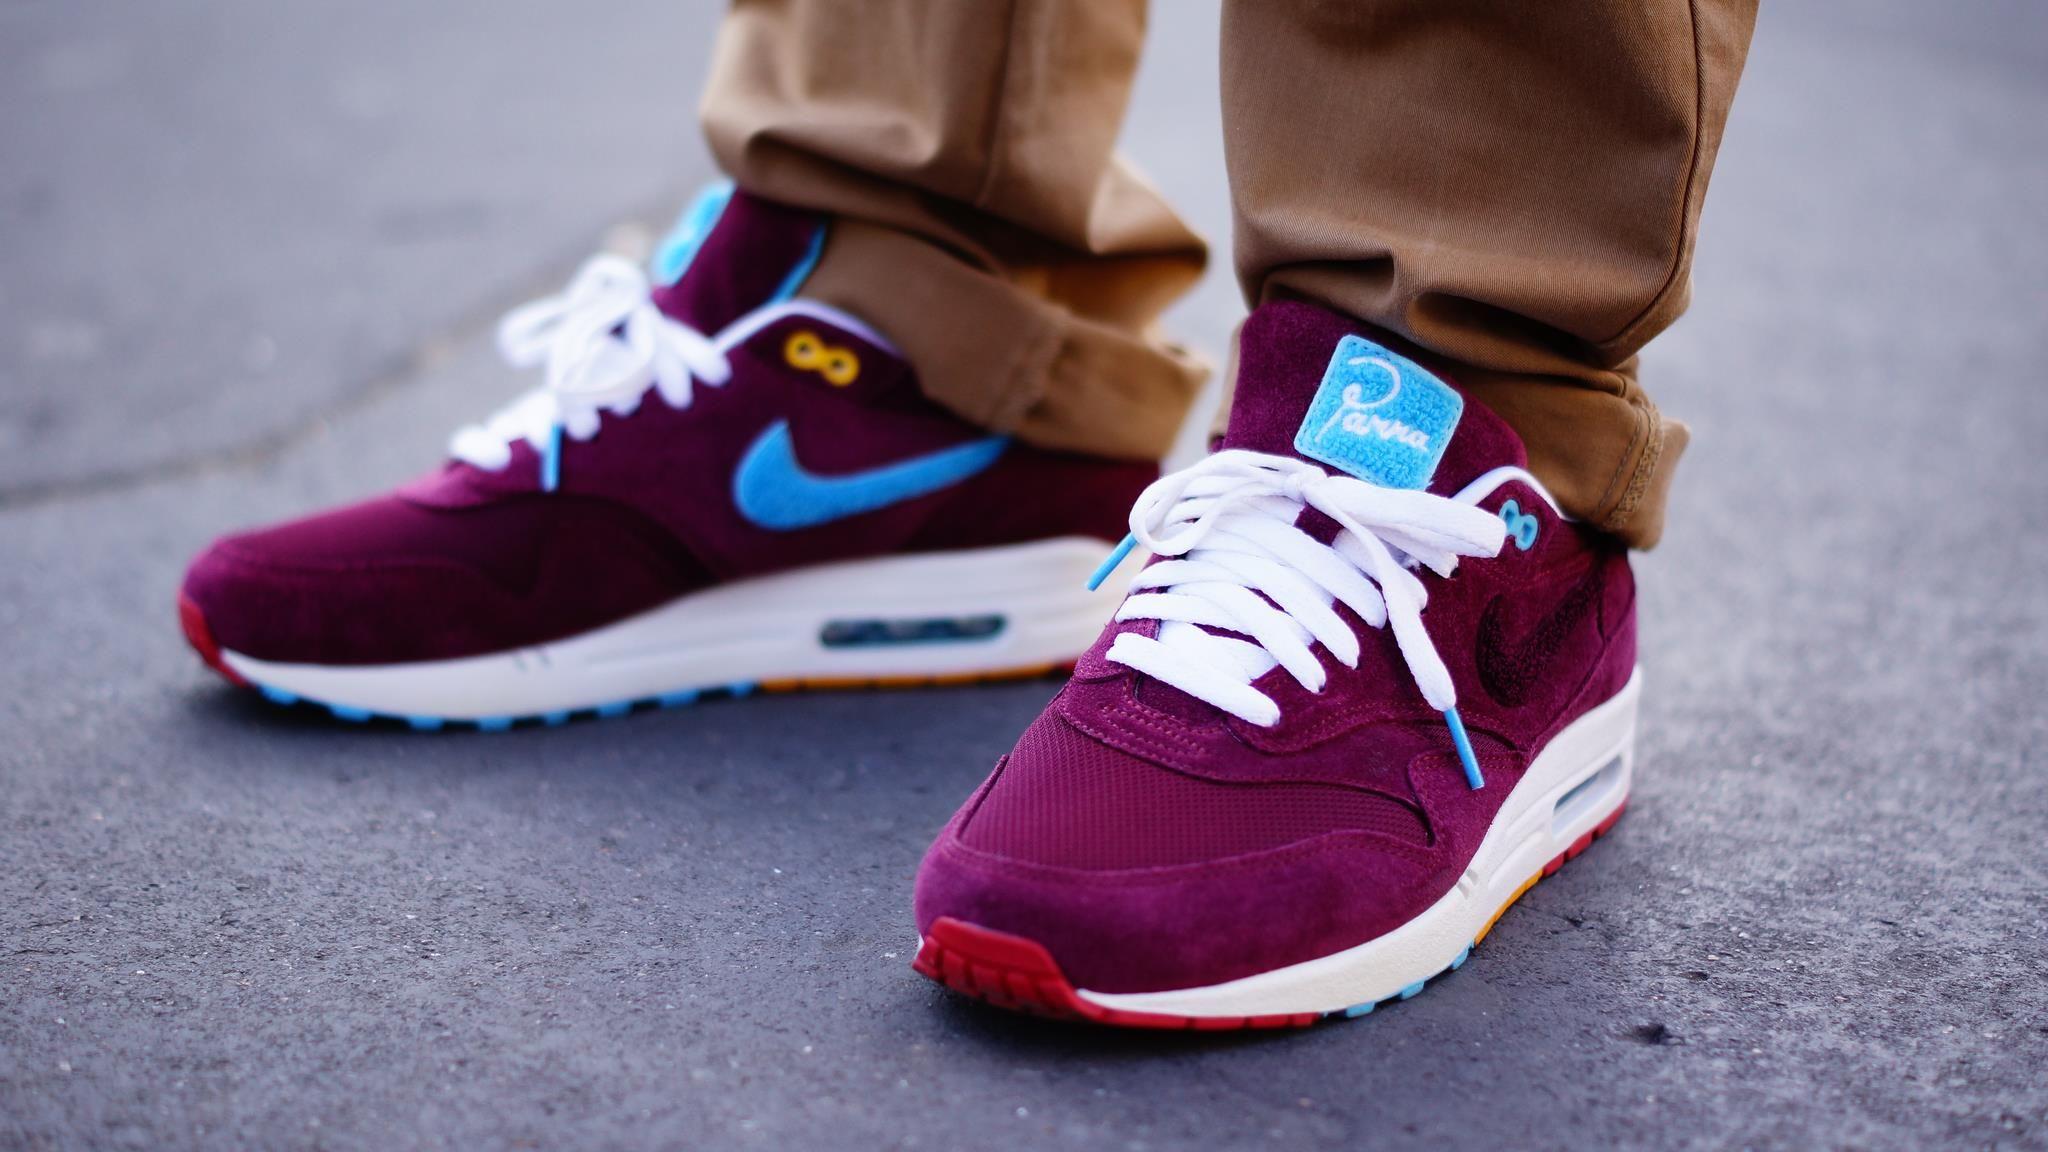 Le retour de Nike et Parra Son of sneakers